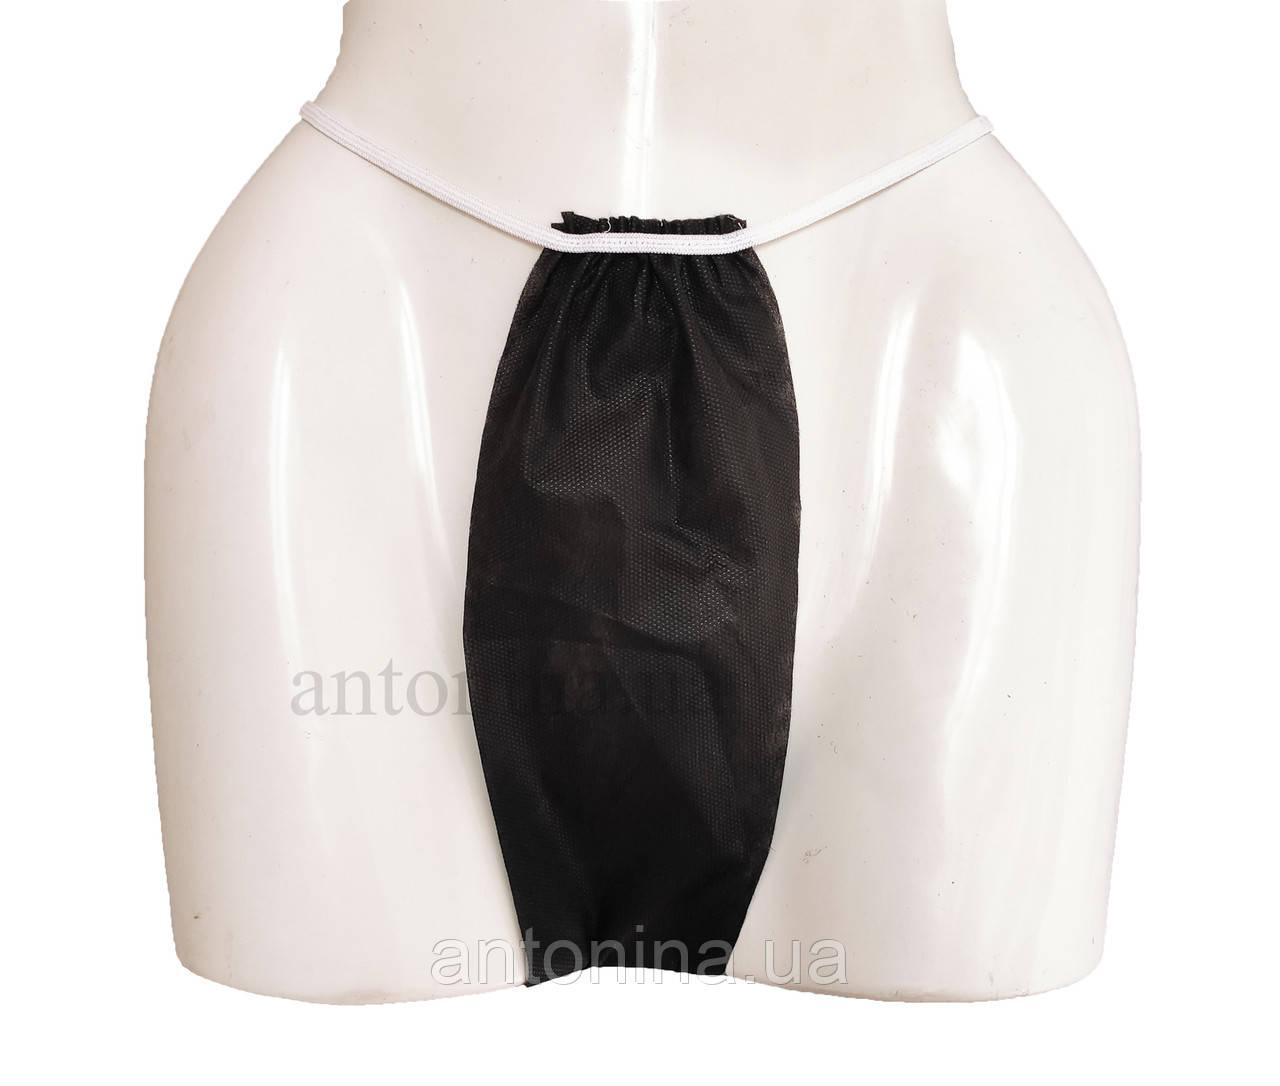 Трусики одноразові жіночі, M/L, 50 шт/уп, чорні